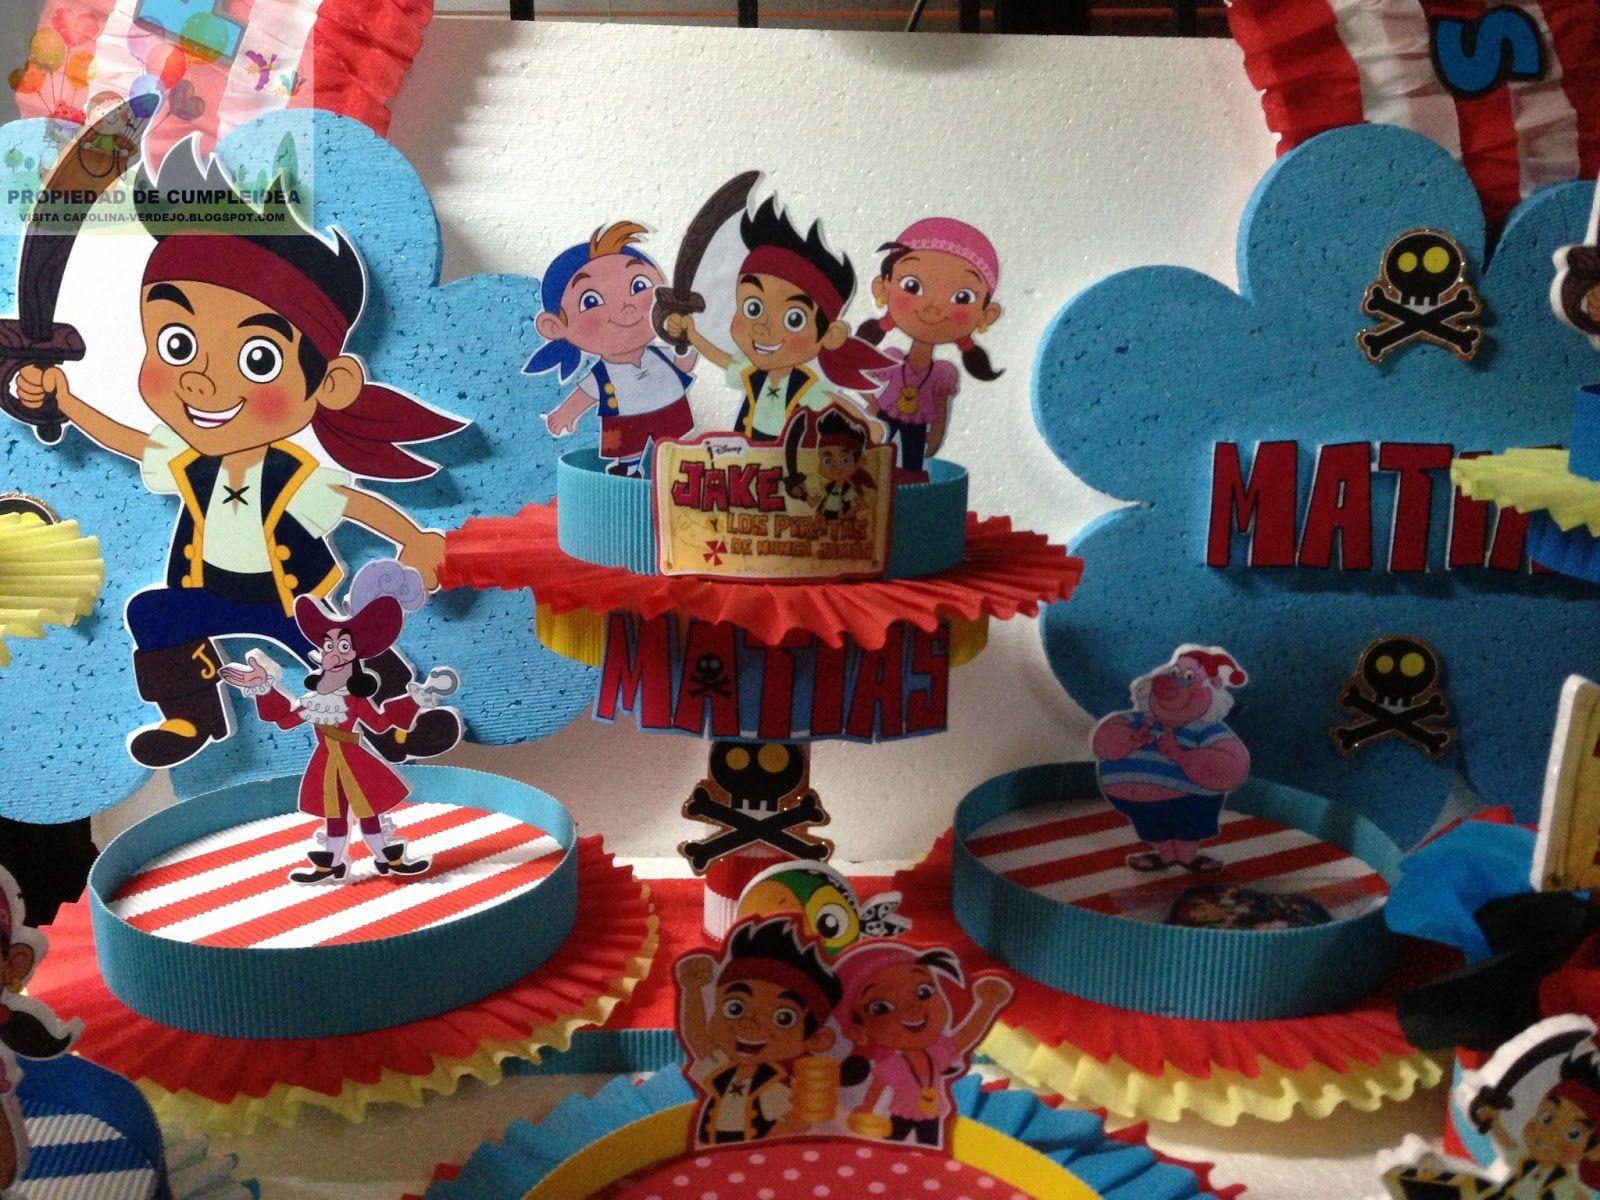 Decoraci n jake y los piratas de nunca jam s pictures to pin on - Decoraciones Infantiles Jake Y Los Piratas De Nunca Jamas